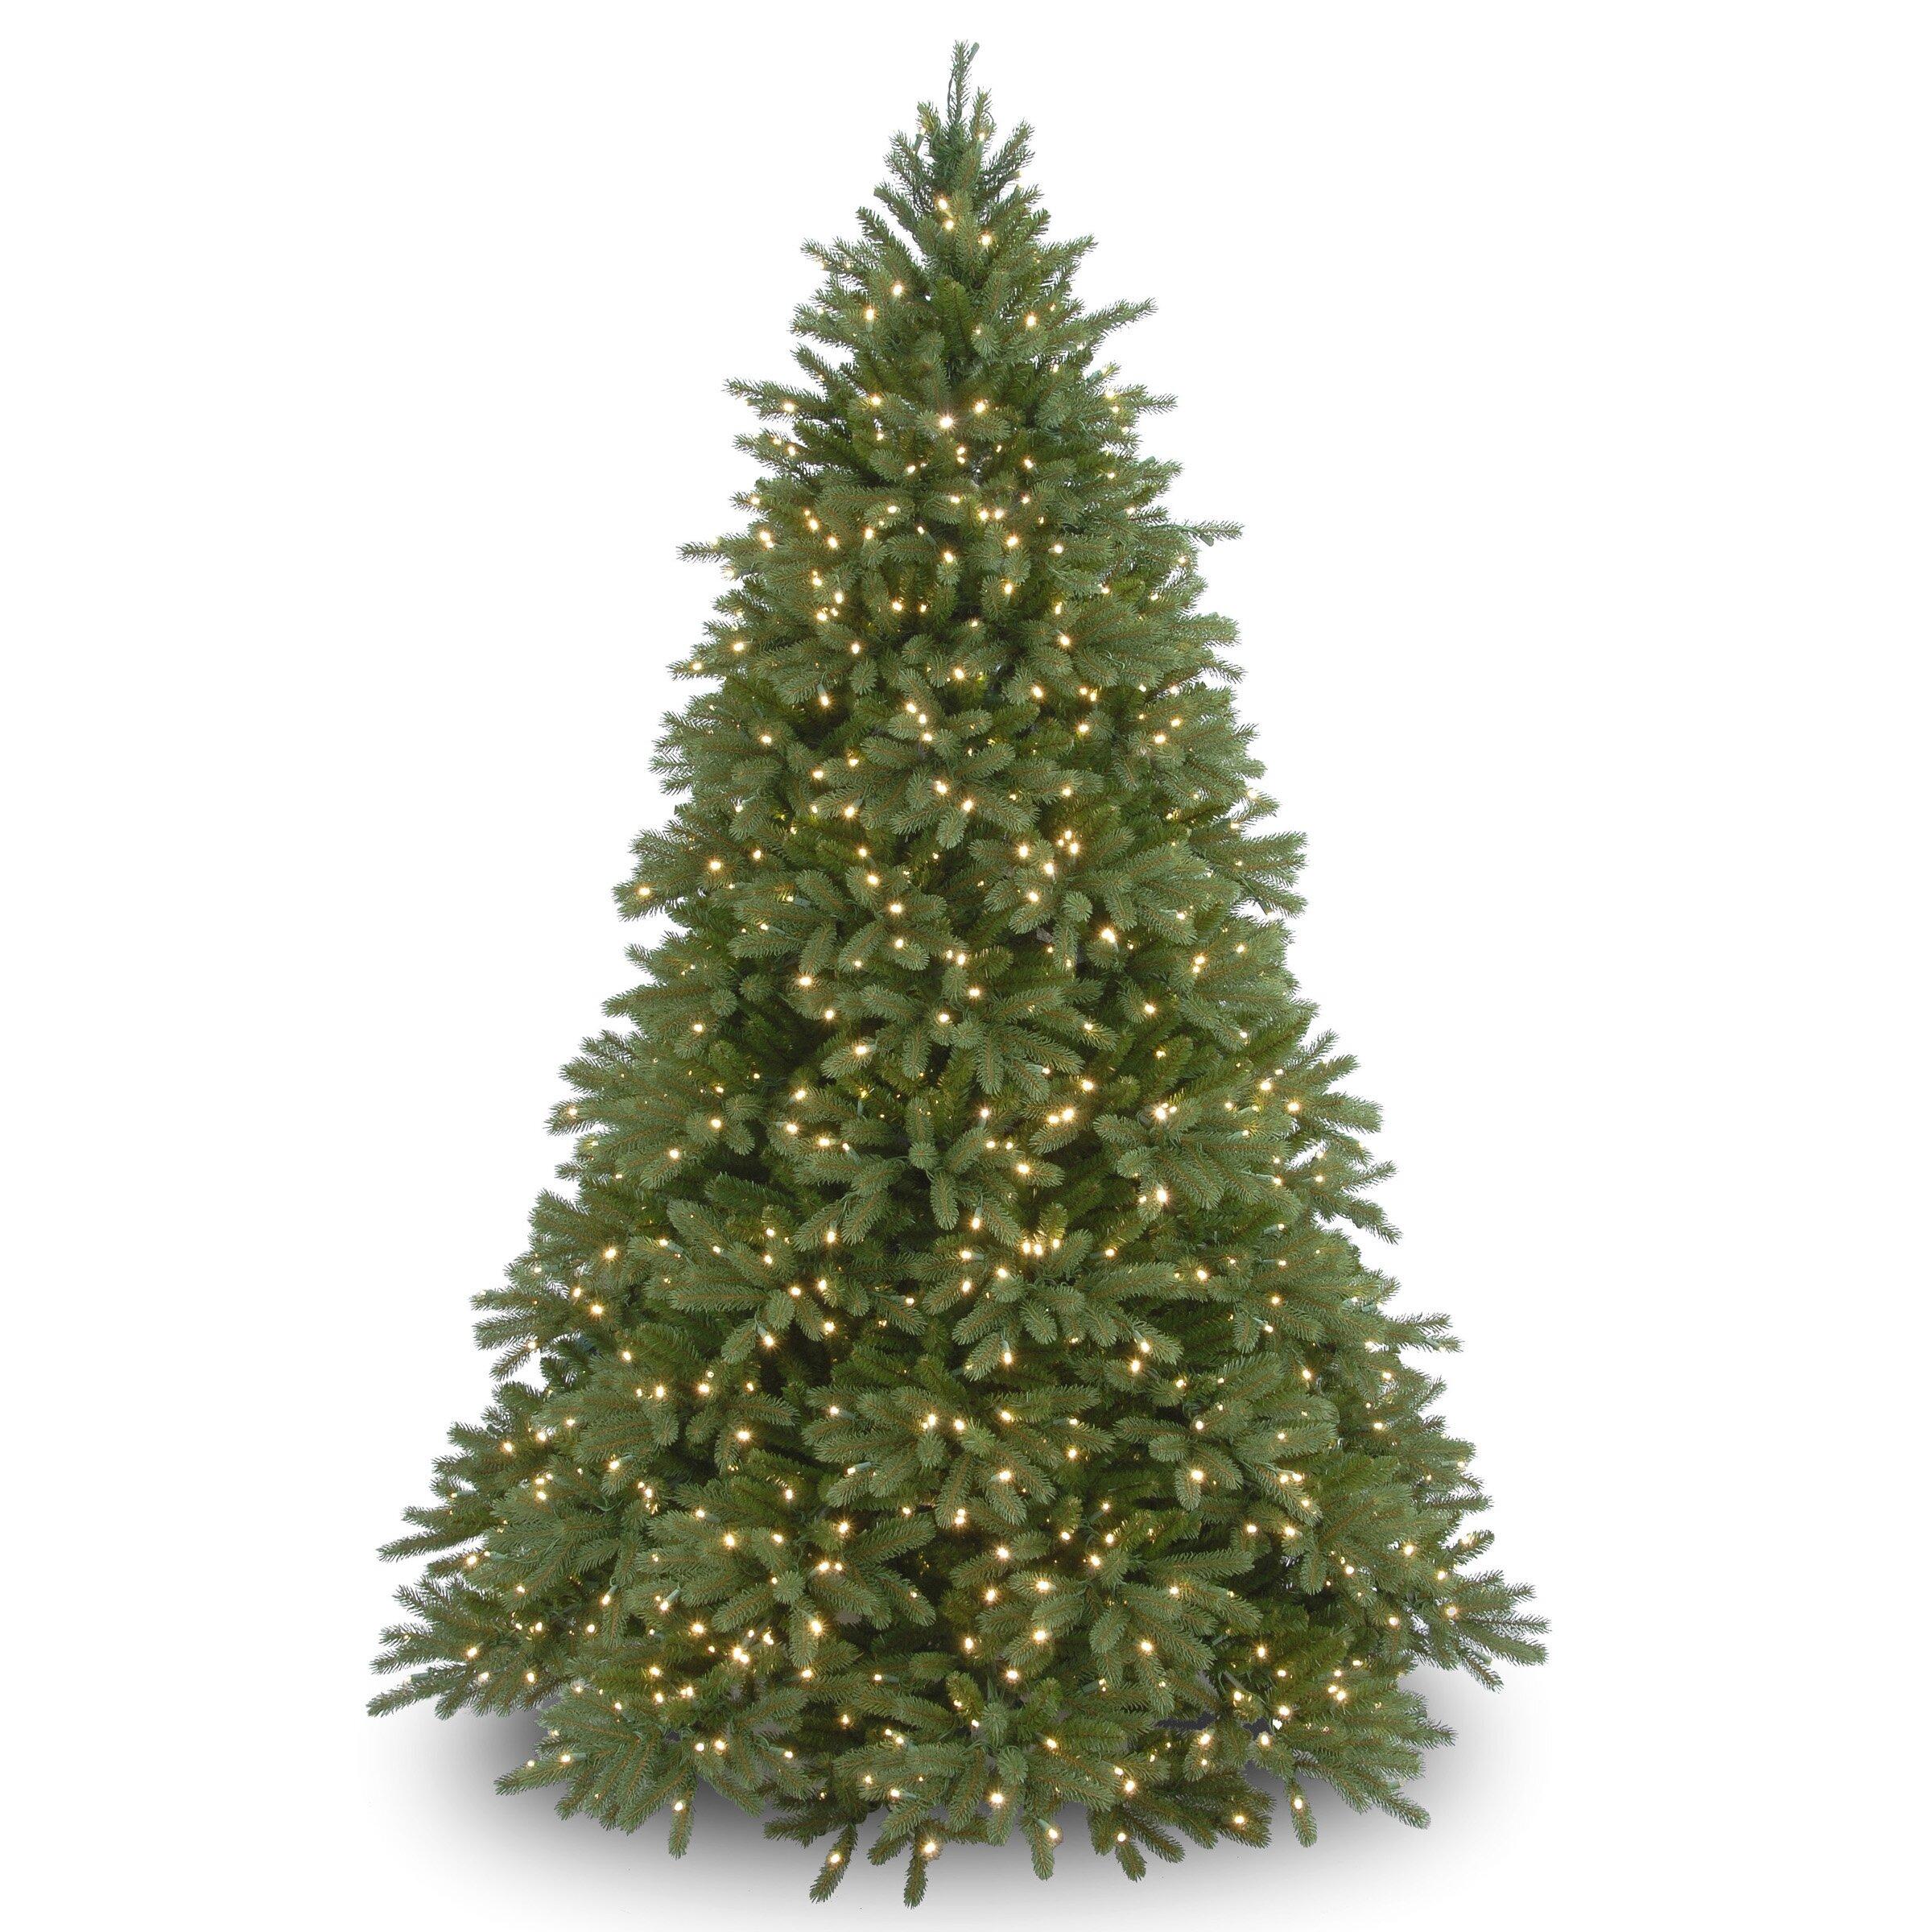 Fraser Fir Christmas Trees: National Tree Co. Jersey Fraser Fir 9' Green Artificial